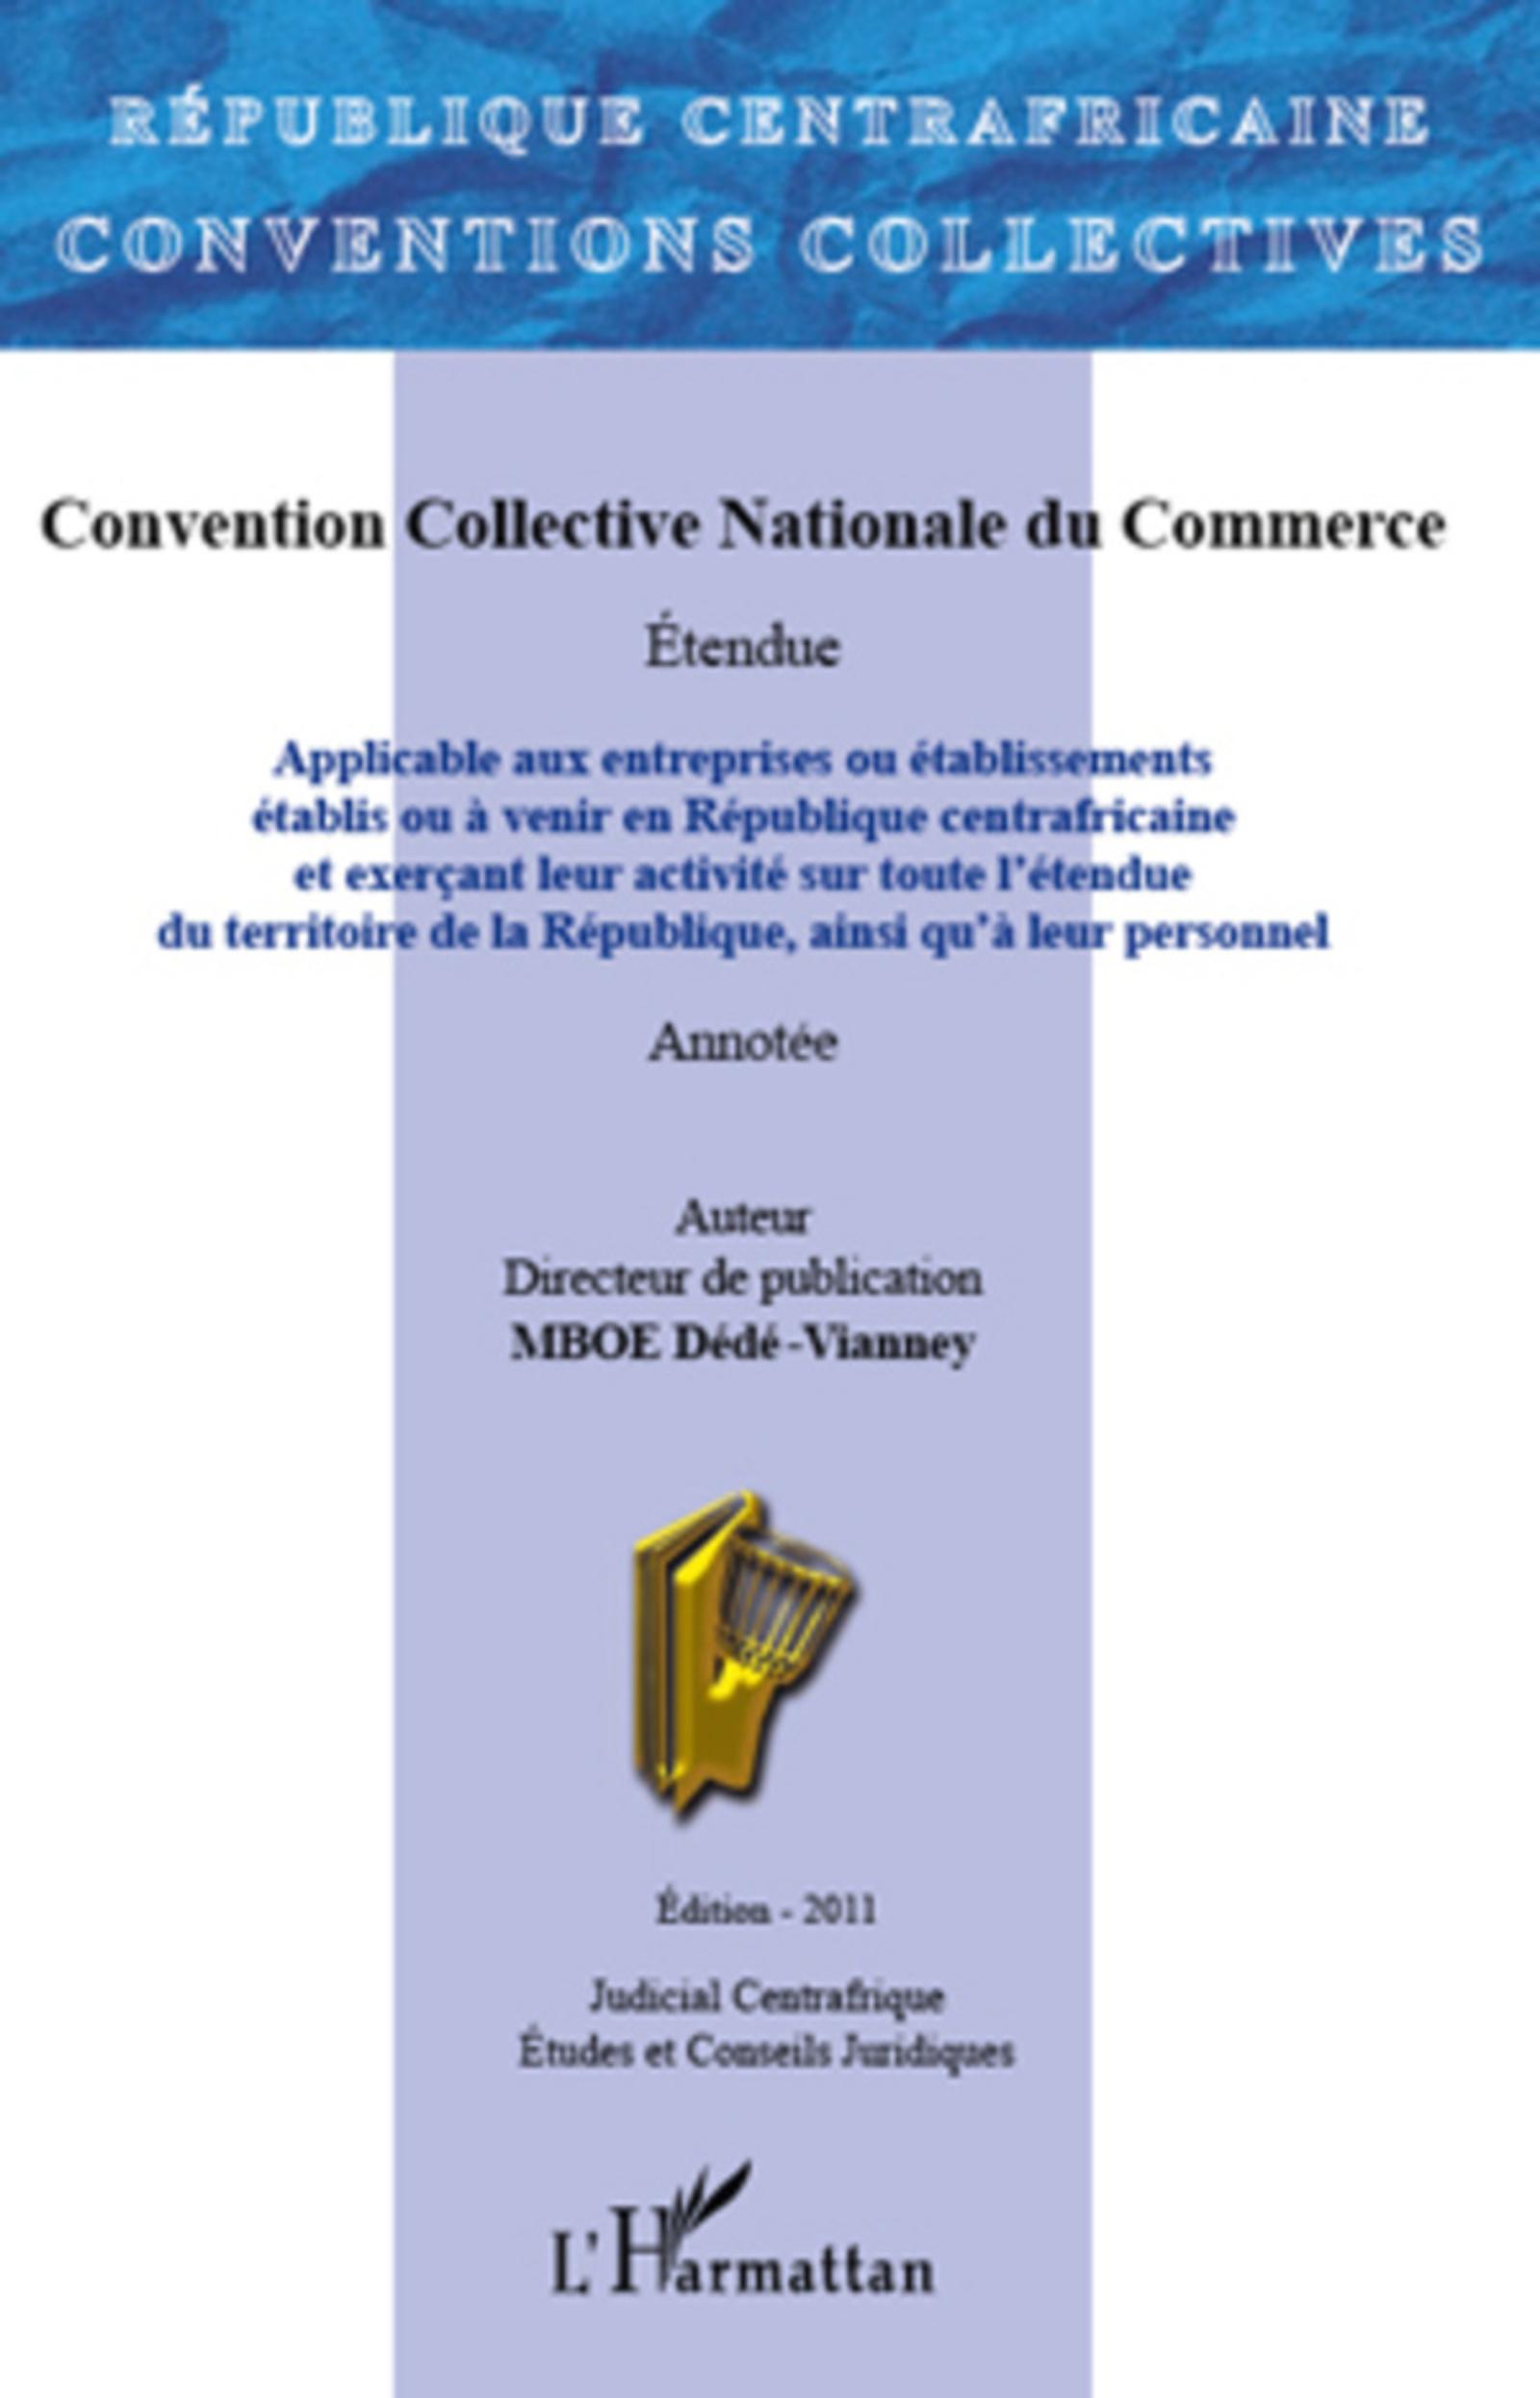 Convention collective nationale du commerce de la République centrafricaine ; applicable aux entreprises ou établissements établis ou à venir en République centrafricaine